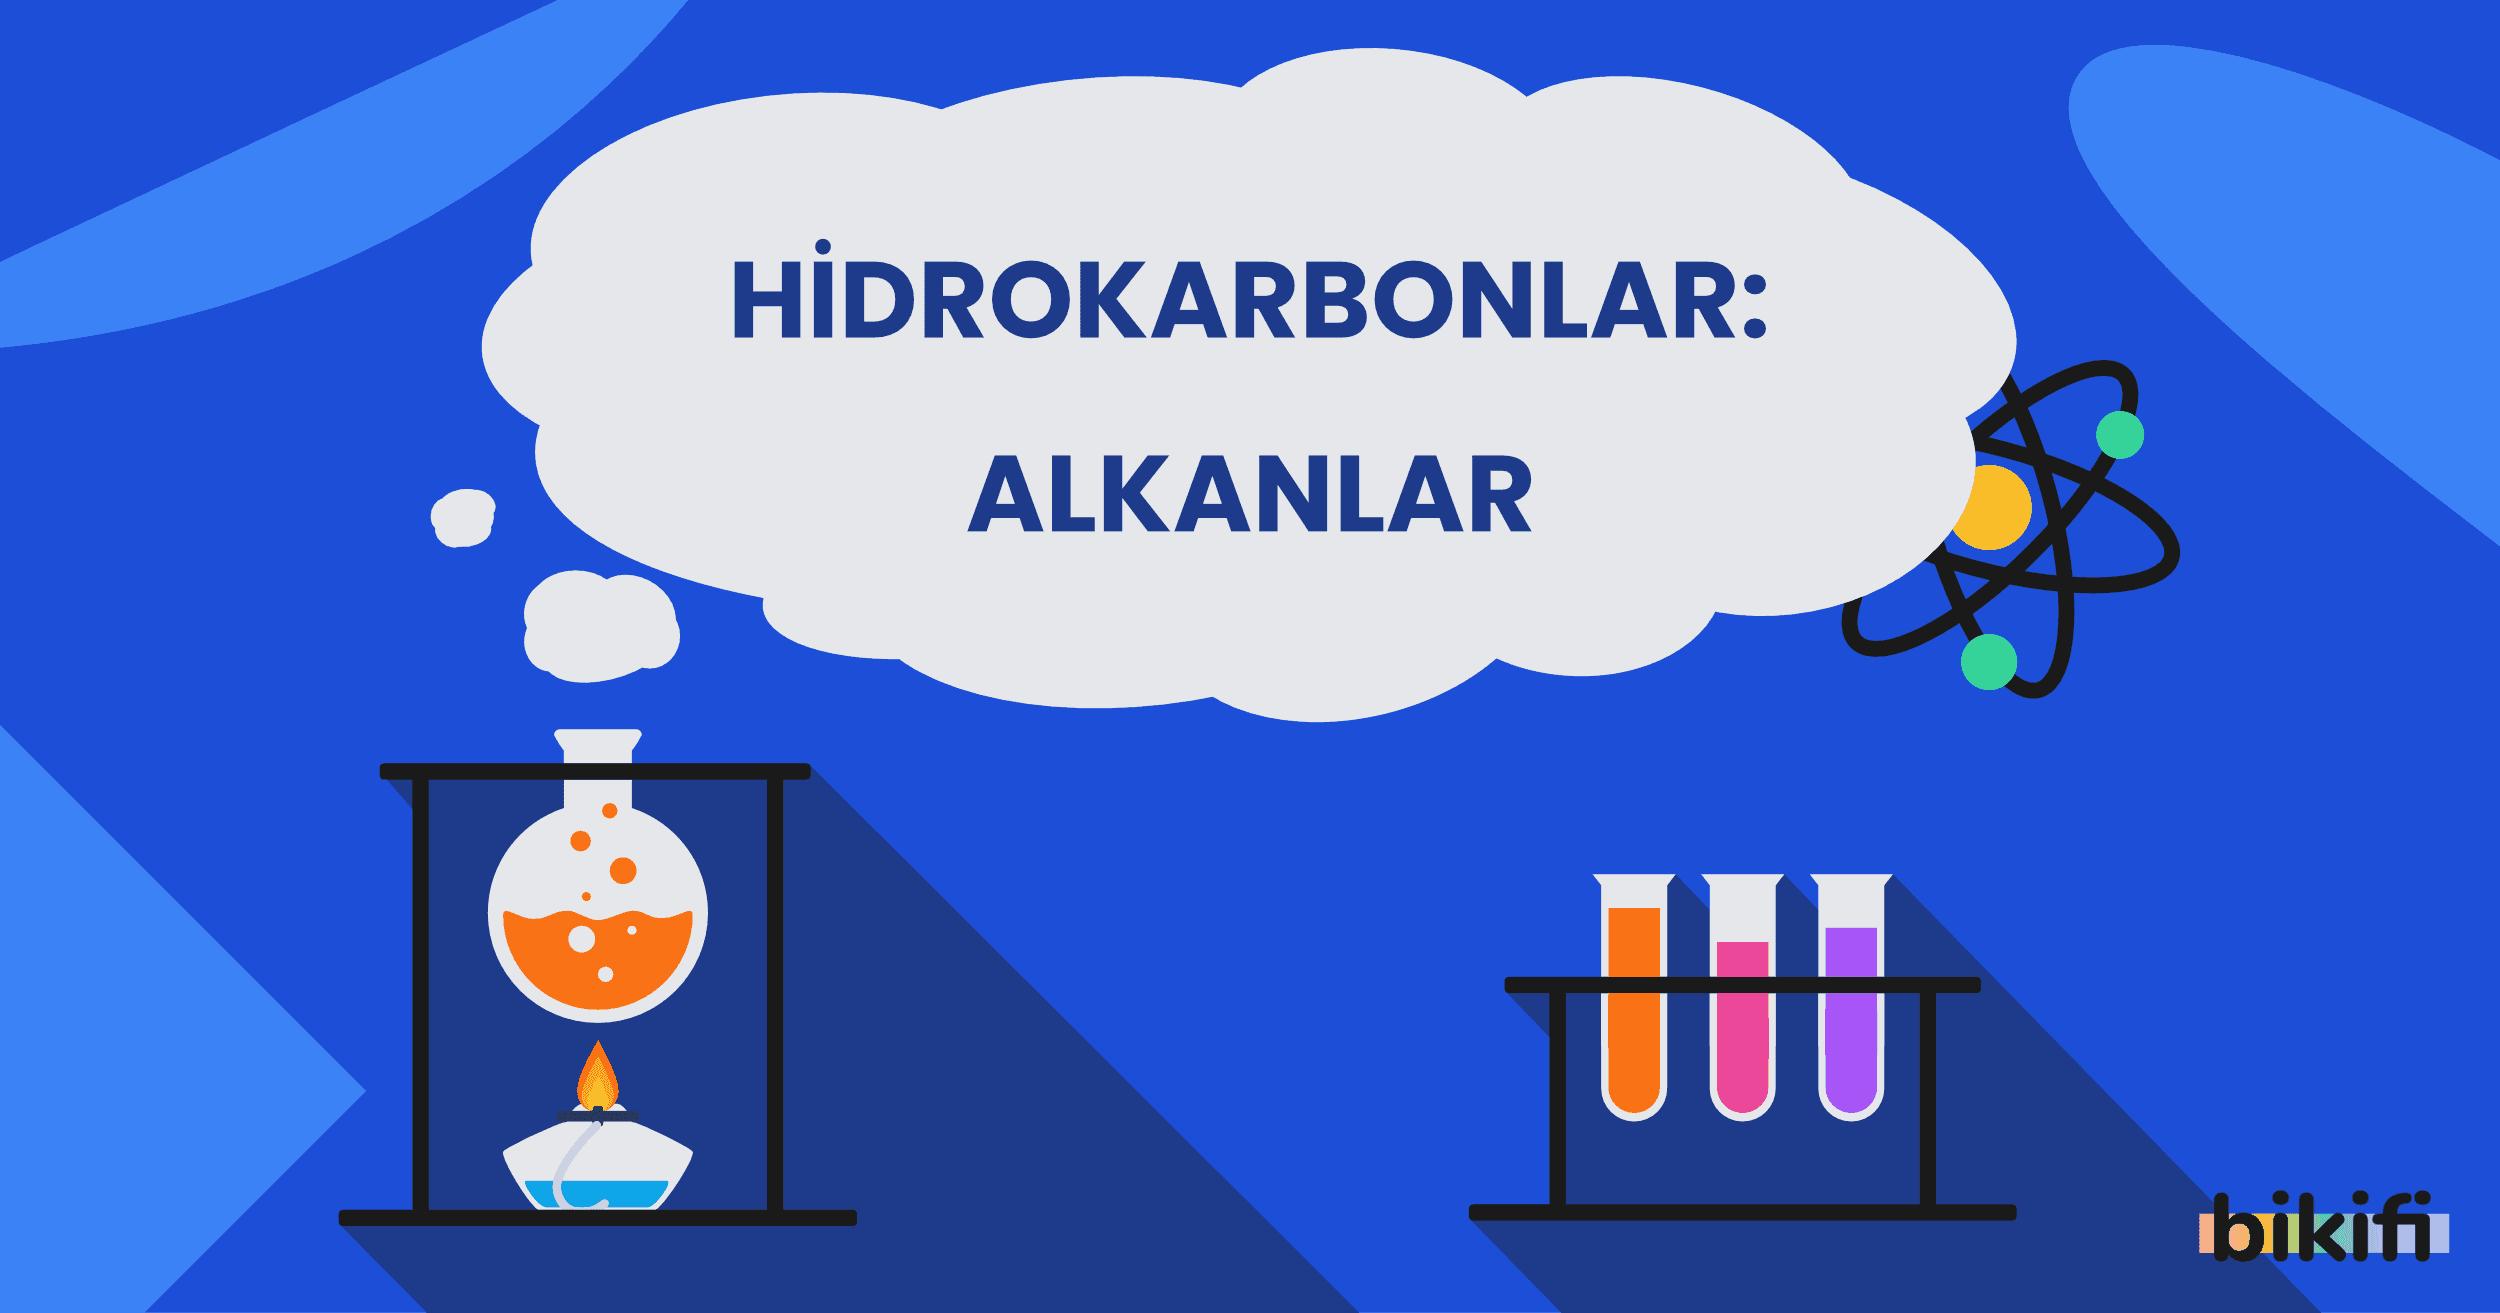 Hidrokarbonlar: Alkanlar